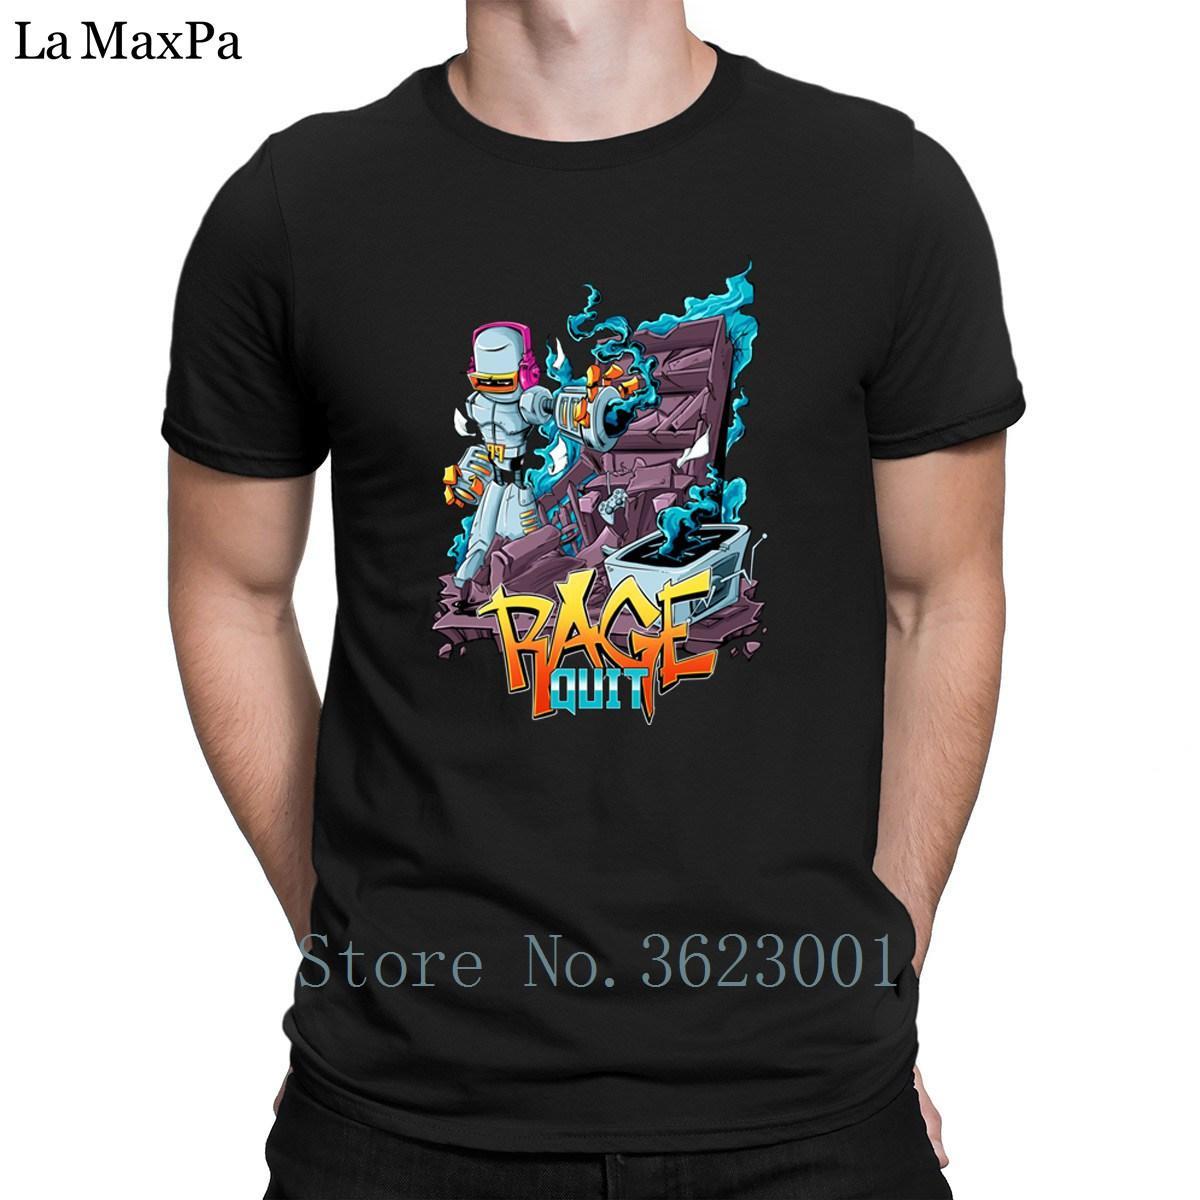 Designer Immagini Tee Shirt Per Mens Rabbia Esci maglietta slaccia più 3XL maglietta alla moda uomo Tshirt Uomo Primavera Autunno Casual